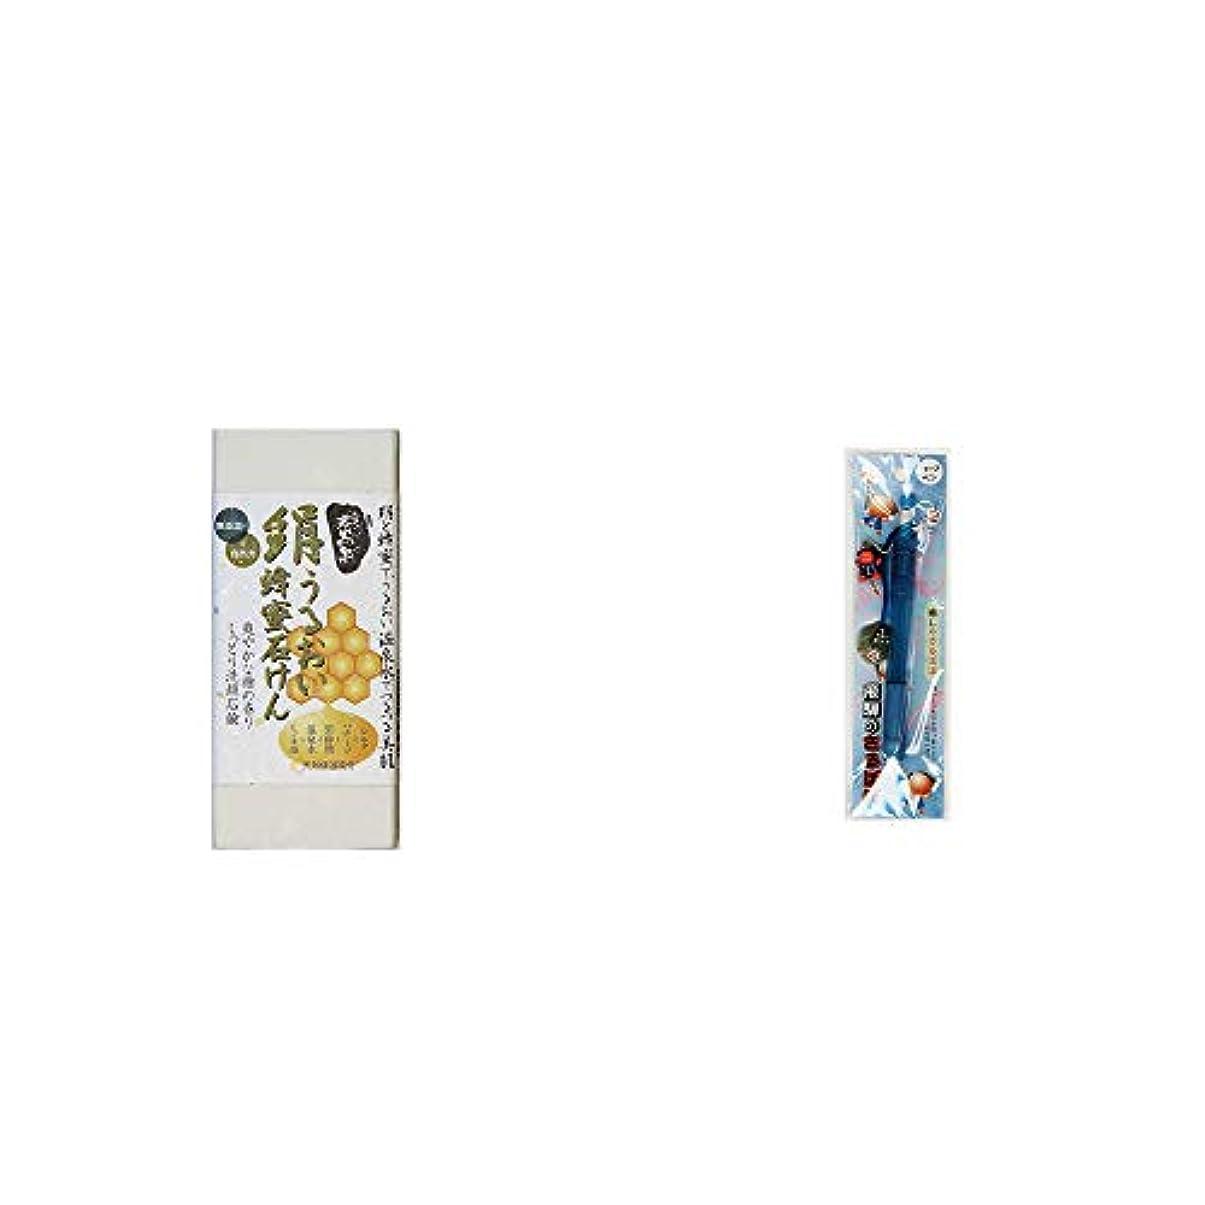 請求書サーカスエスカレーター[2点セット] ひのき炭黒泉 絹うるおい蜂蜜石けん(75g×2)?さるぼぼ 癒しシャープペン 【ブルー】